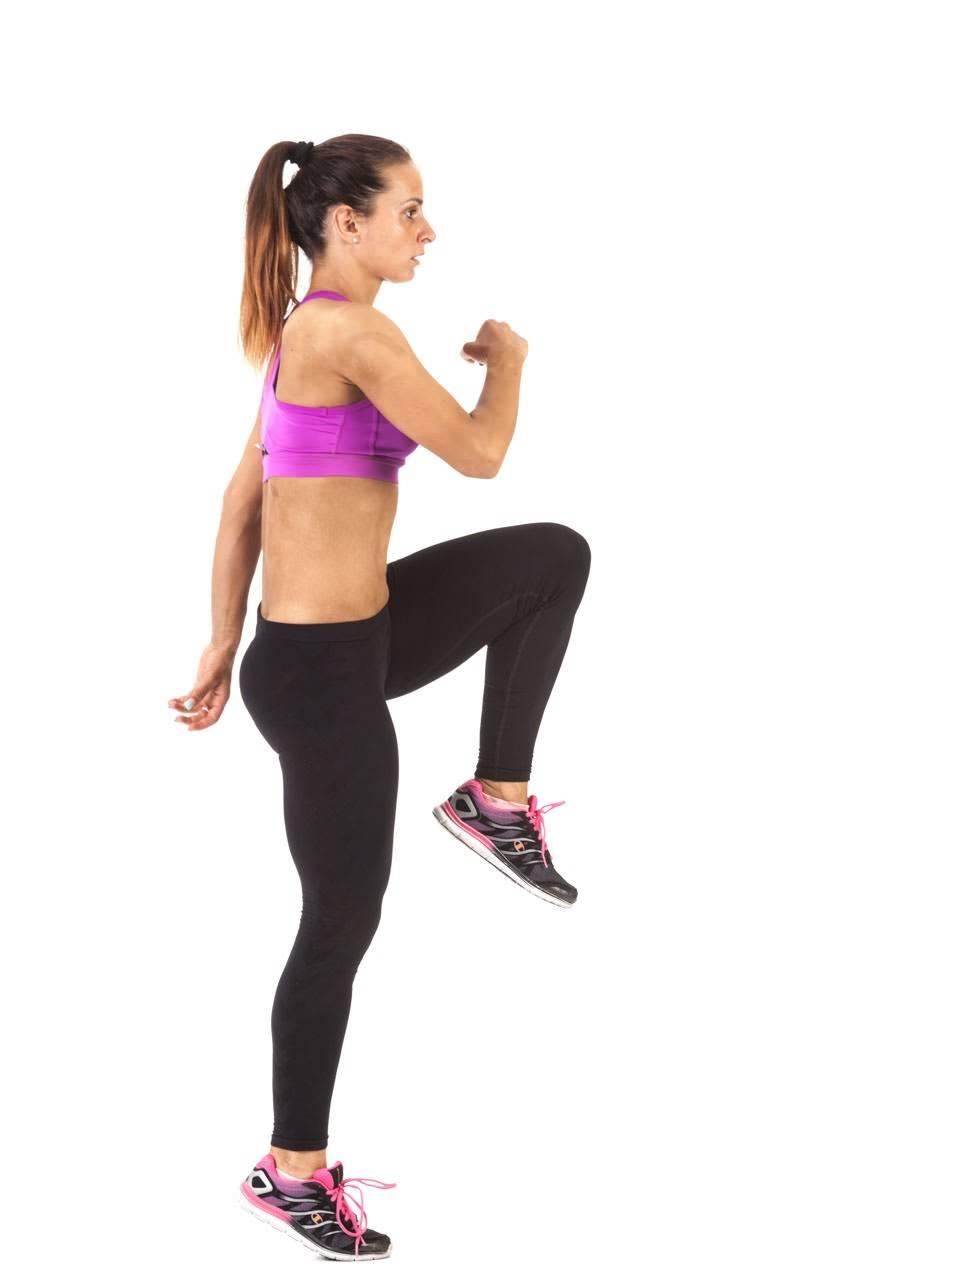 Bài tập cardio với động tác bước chân sáo